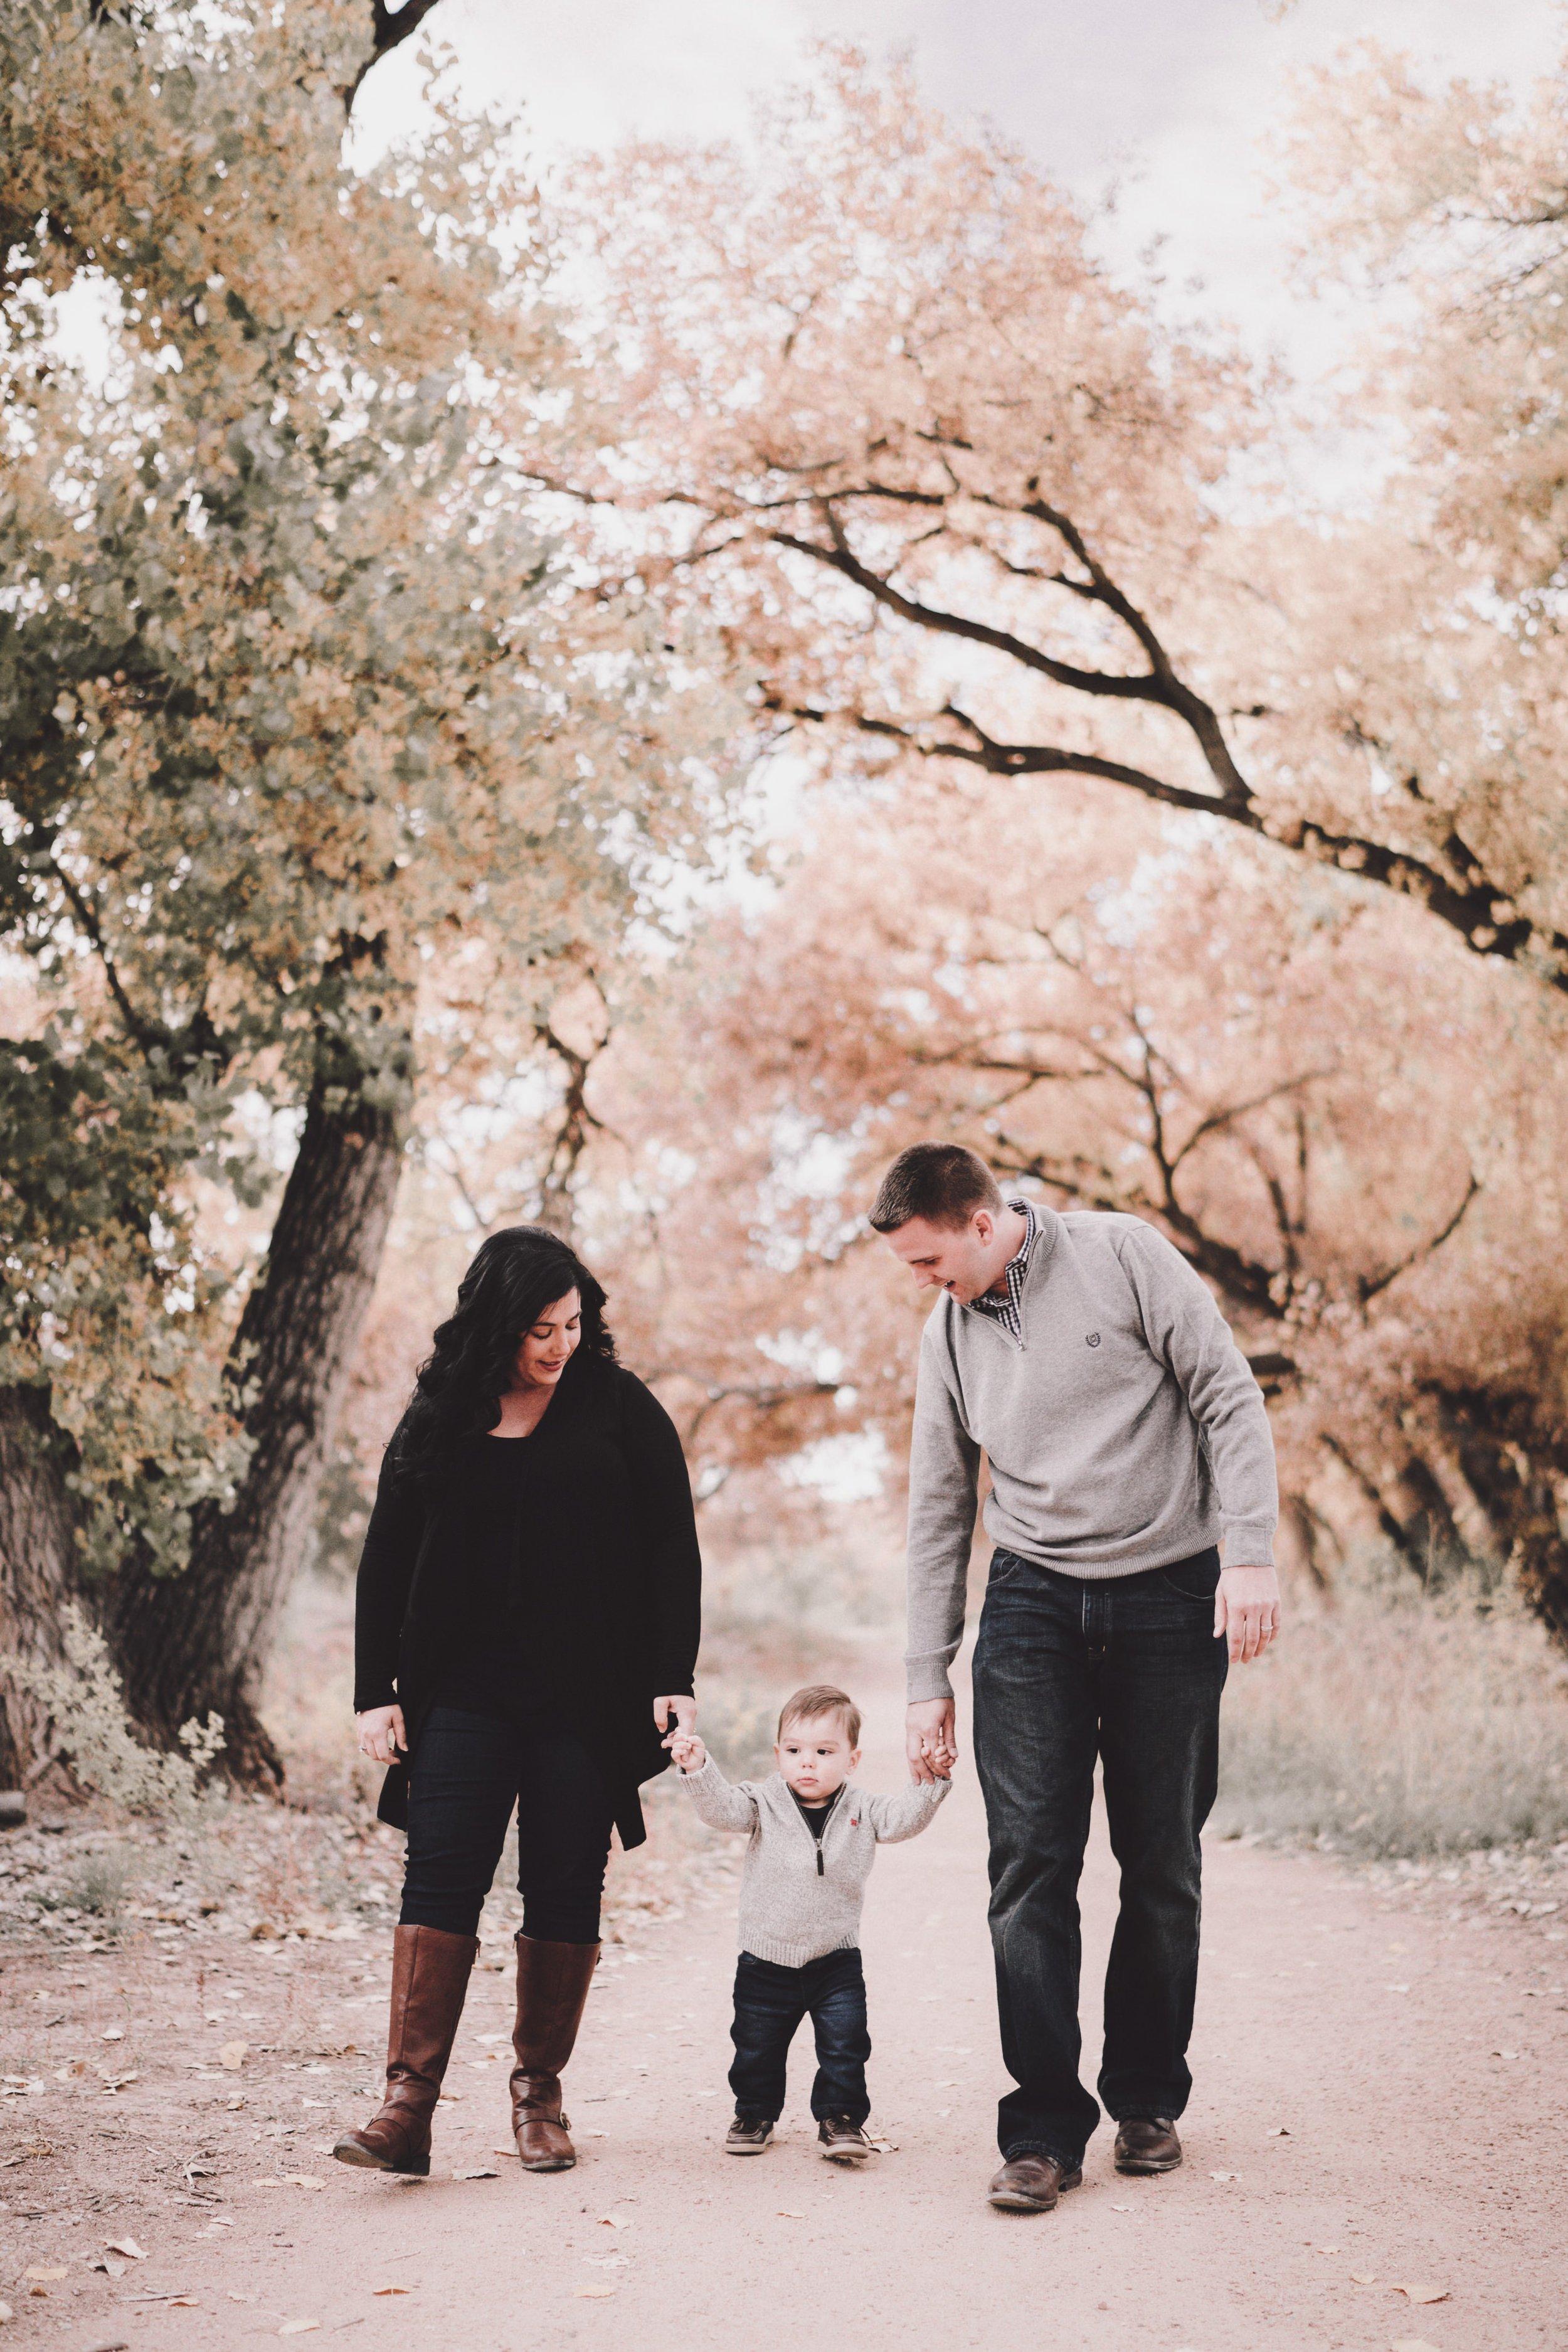 TONY-GAMBINO-PHOTOGRAPHY-BEND-OREGON-FAMILY-PHOTO-SHOOT-000_1554.jpg